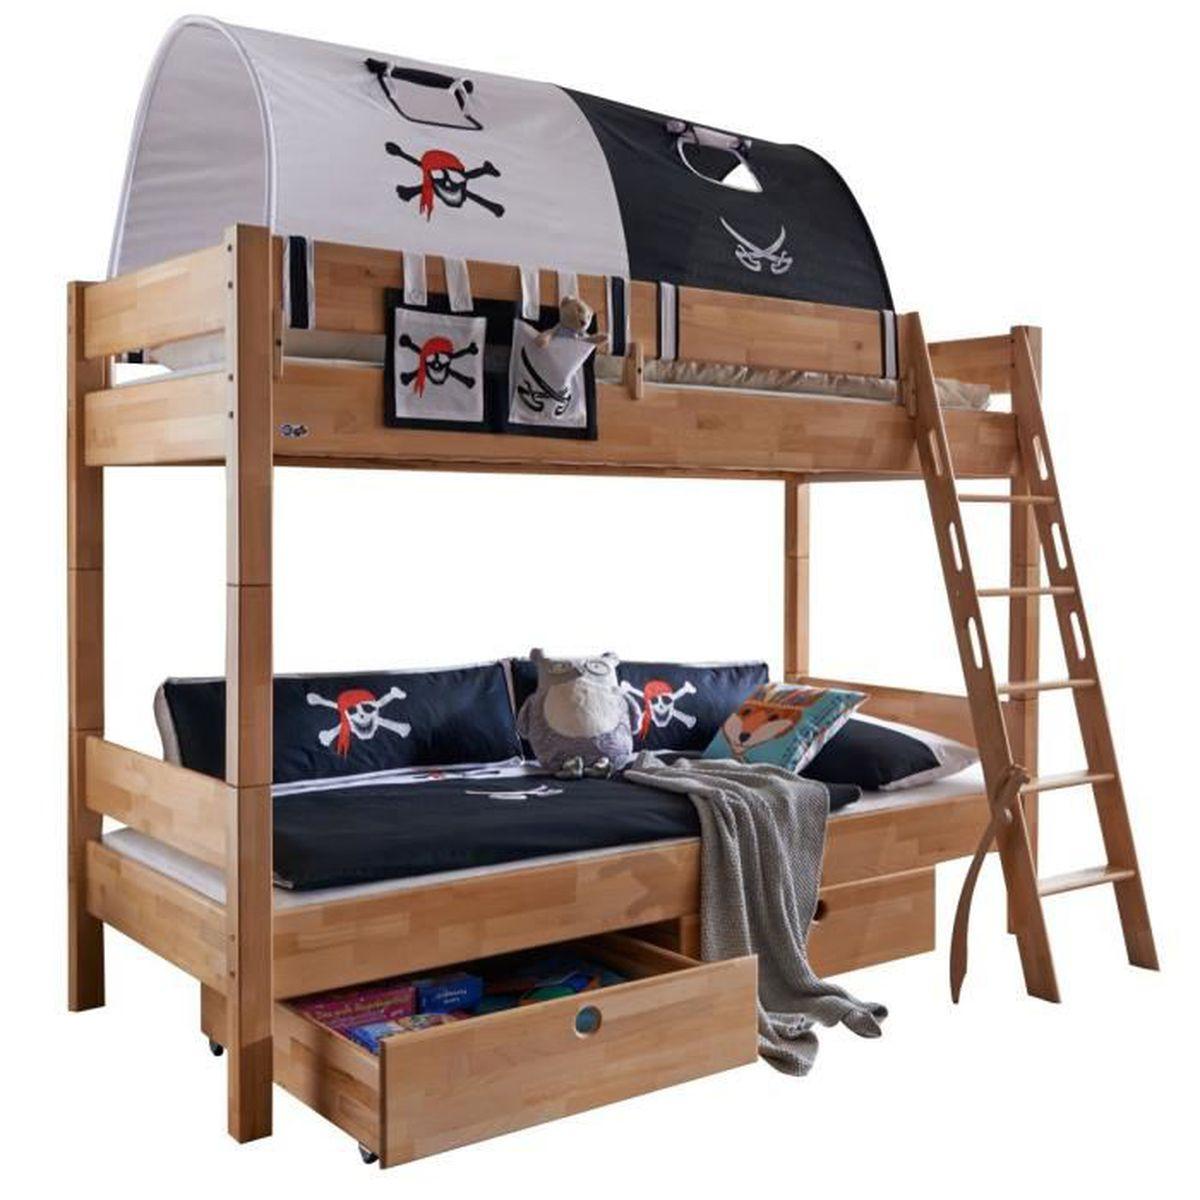 lit superpos 90x200 cm s parable avec 2 tiroirs en h tre massif et tunnel de jeu design pirate. Black Bedroom Furniture Sets. Home Design Ideas